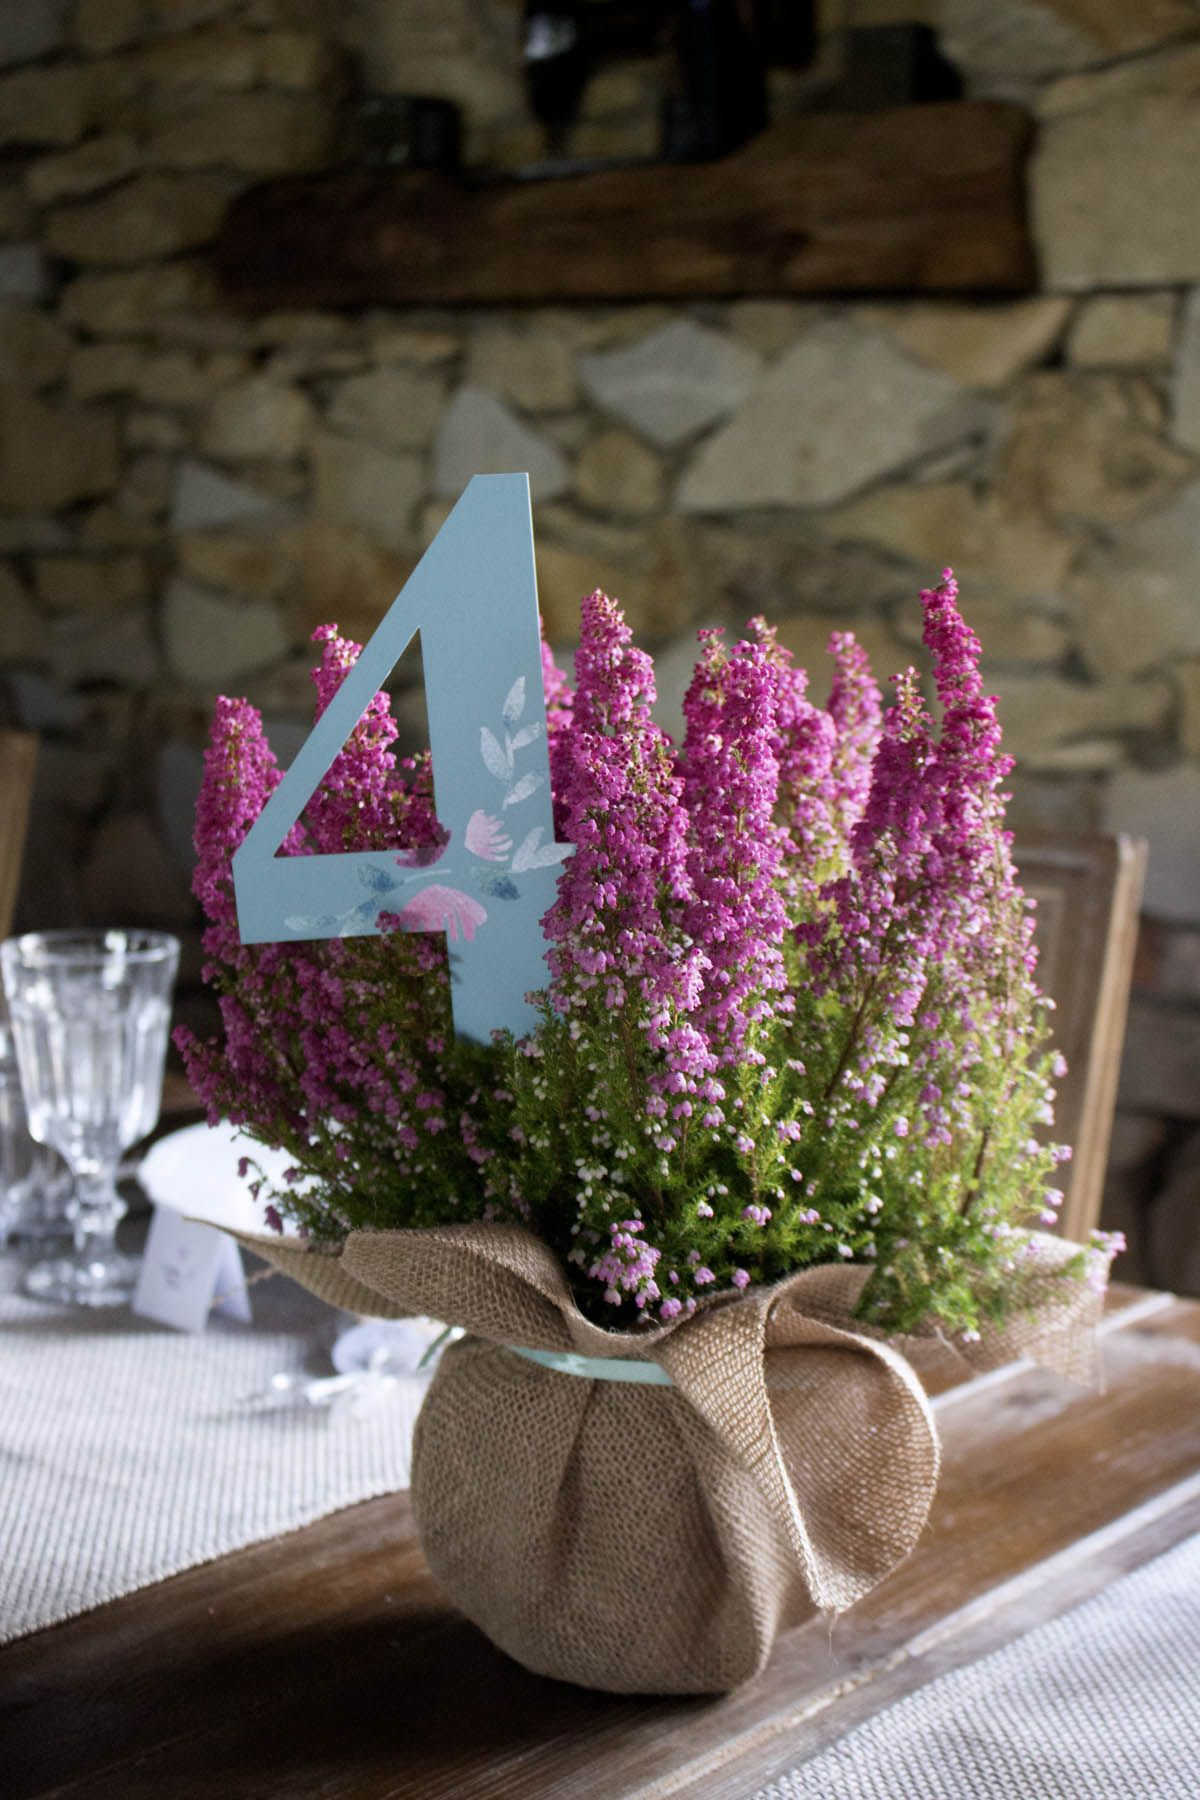 Minwedding Restauracja Za Murem Poznan Dekoracje Kwiaty Slub Rocznica Wesele Dodatki Numery Stolow Wrzosy Thistle Wedding Flowers Thistle Wedding Wedding Deco